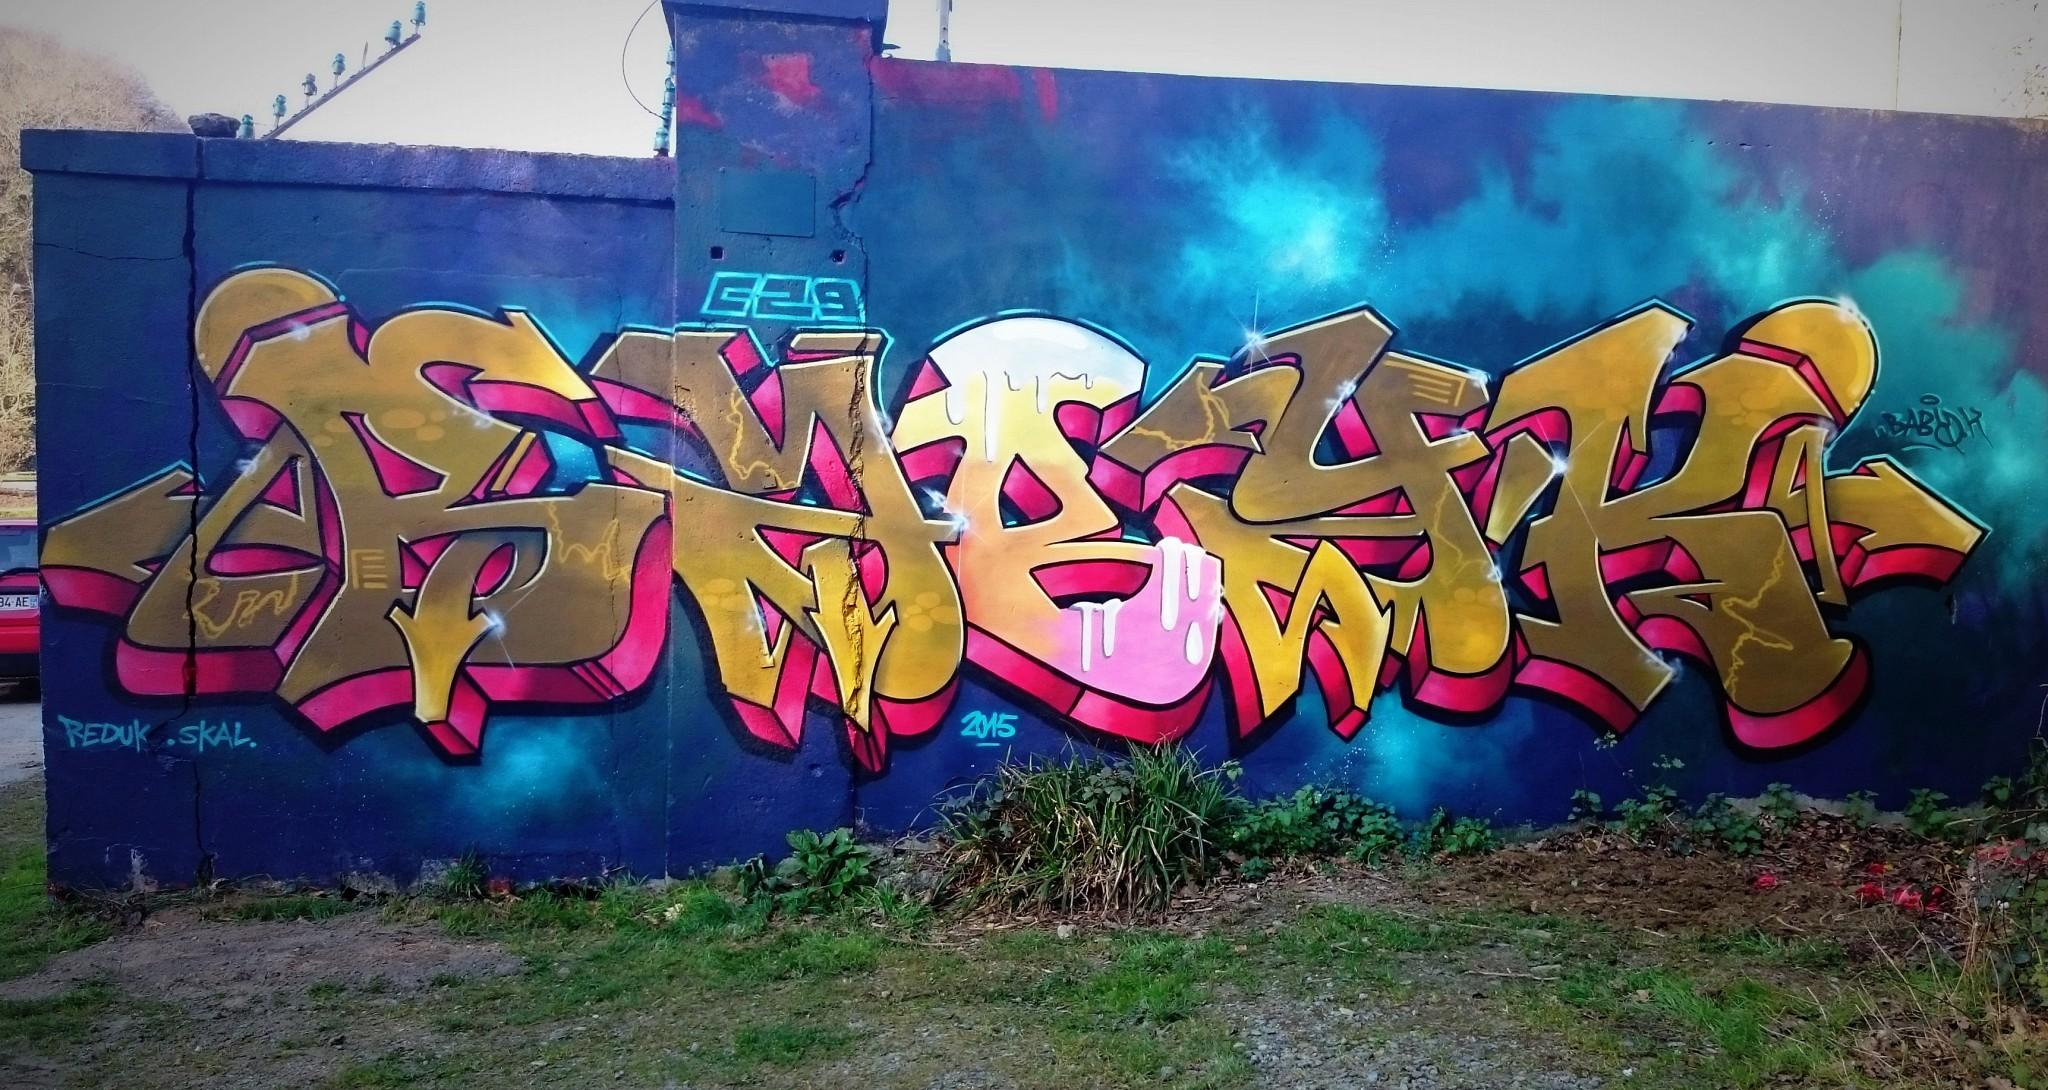 Brest 2015